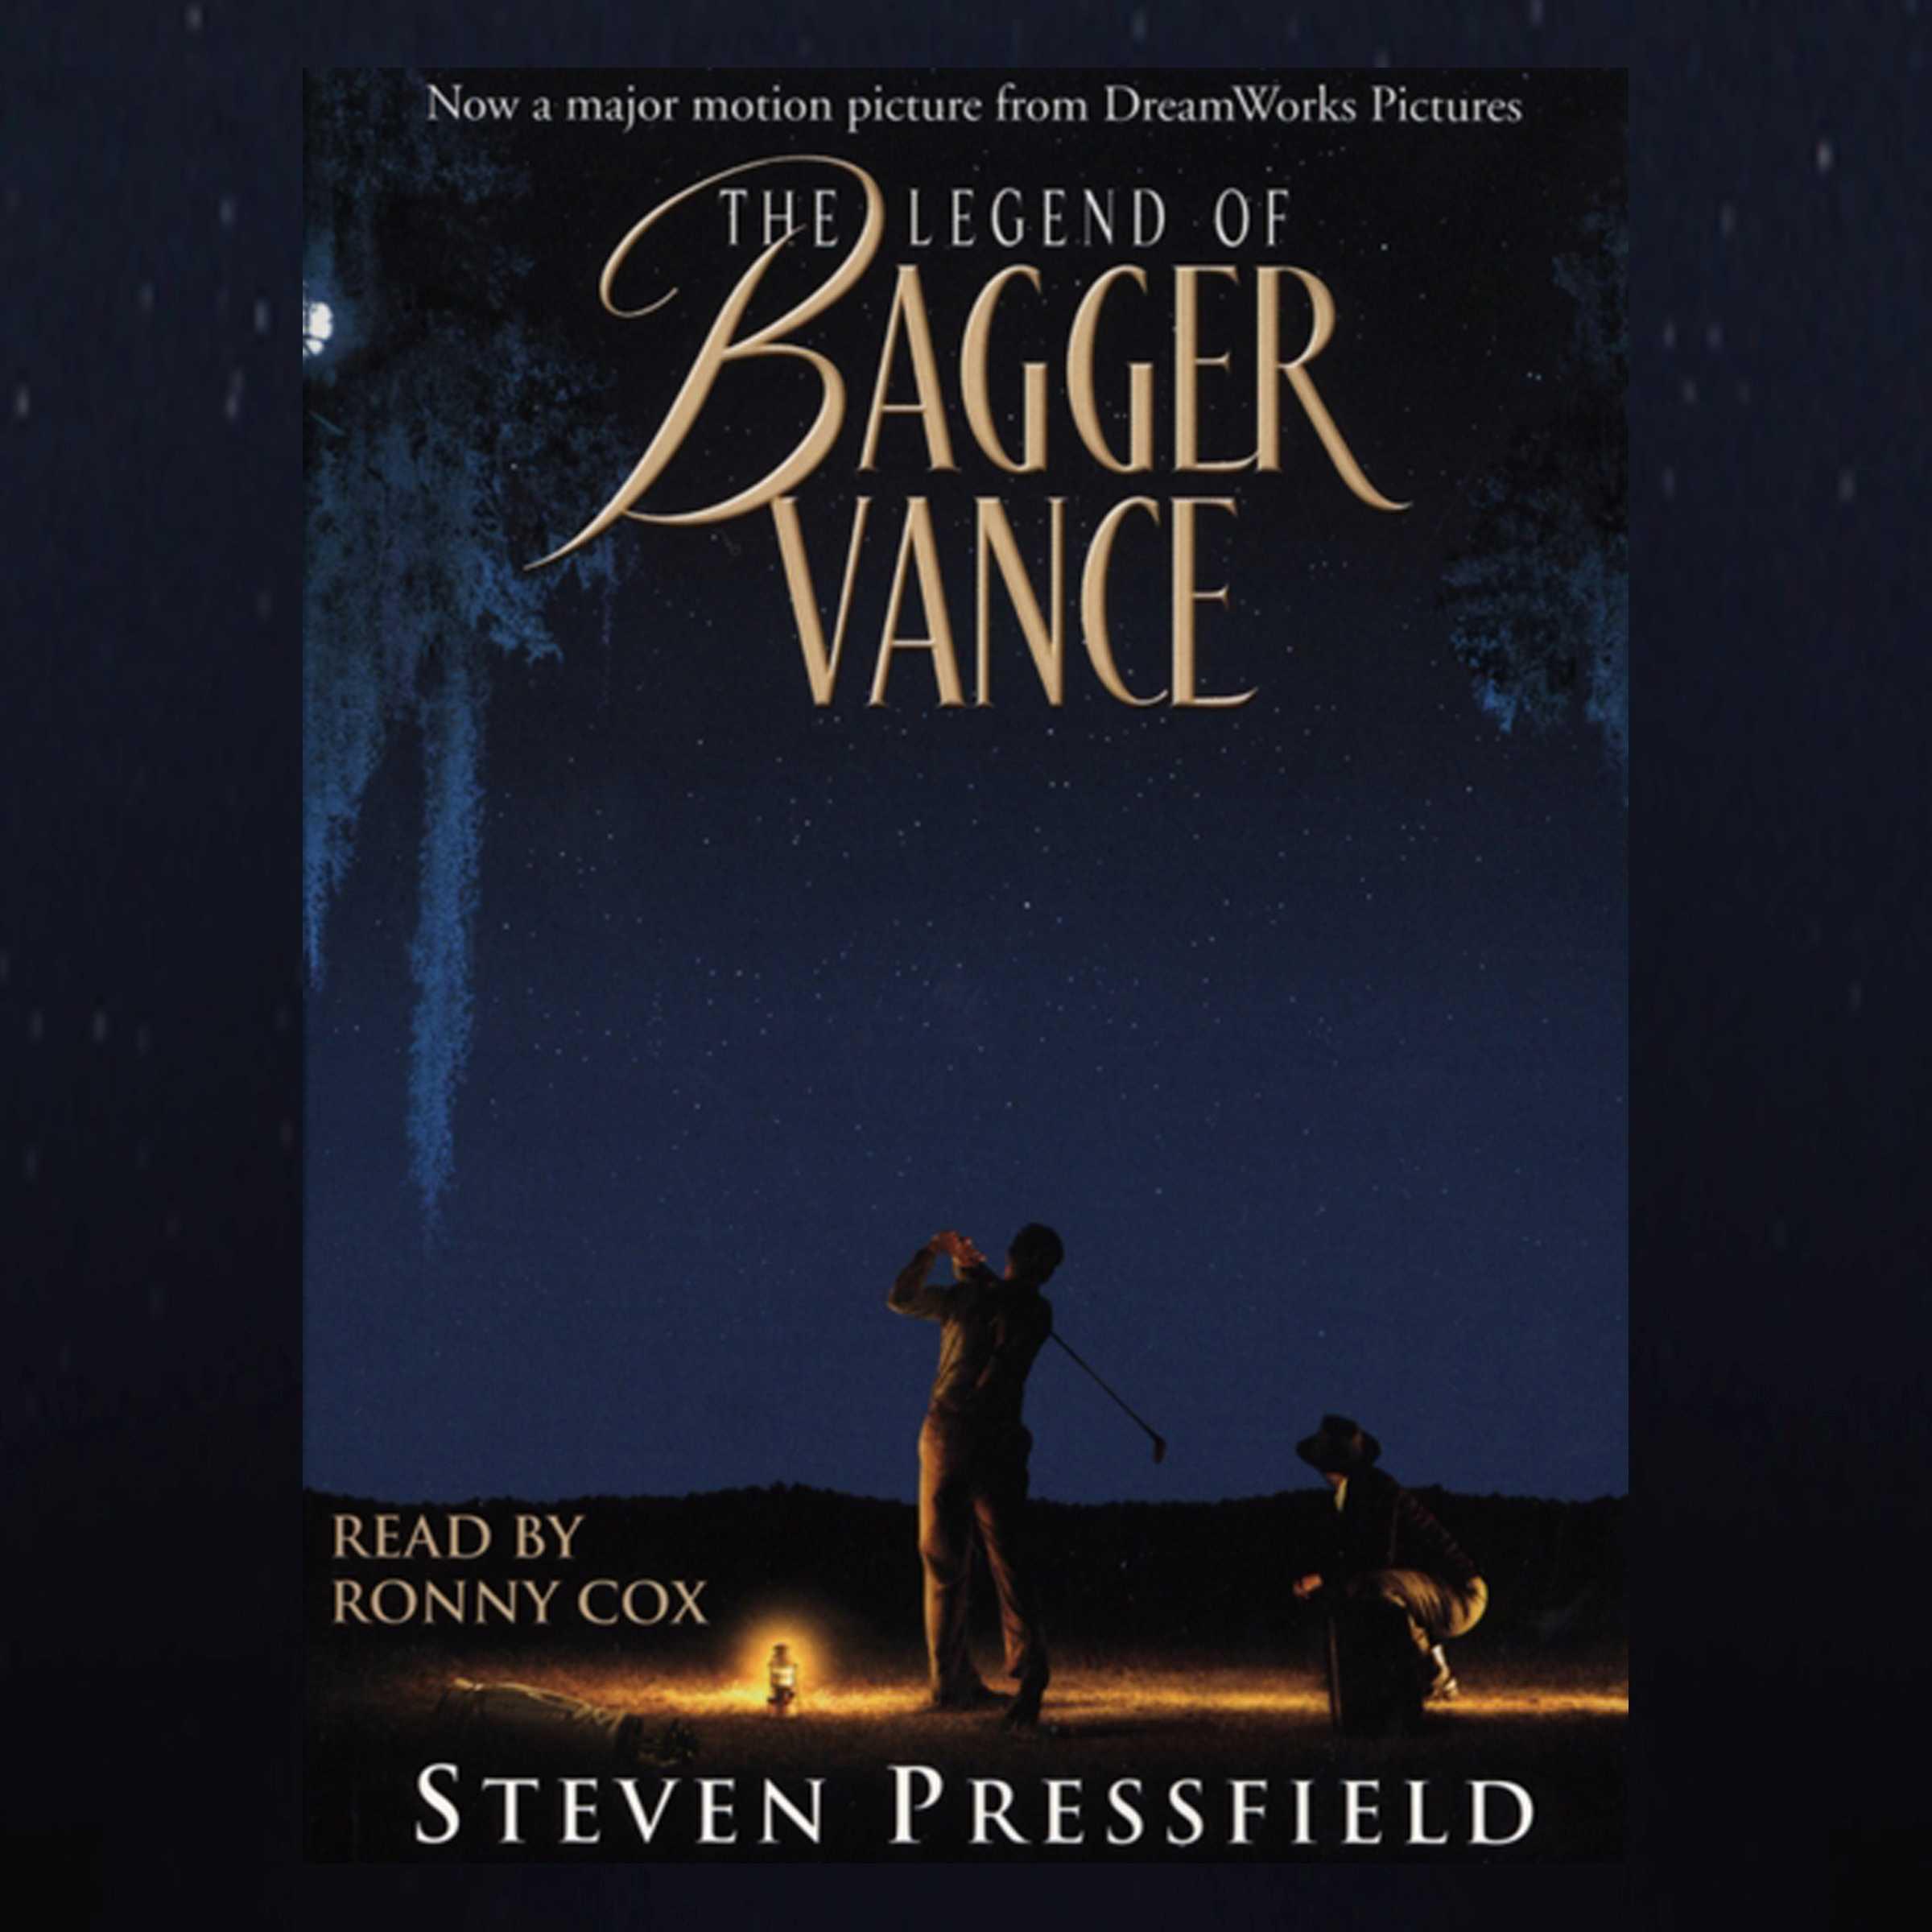 Legend of bagger vance (movie tie in) 9780743519656 hr